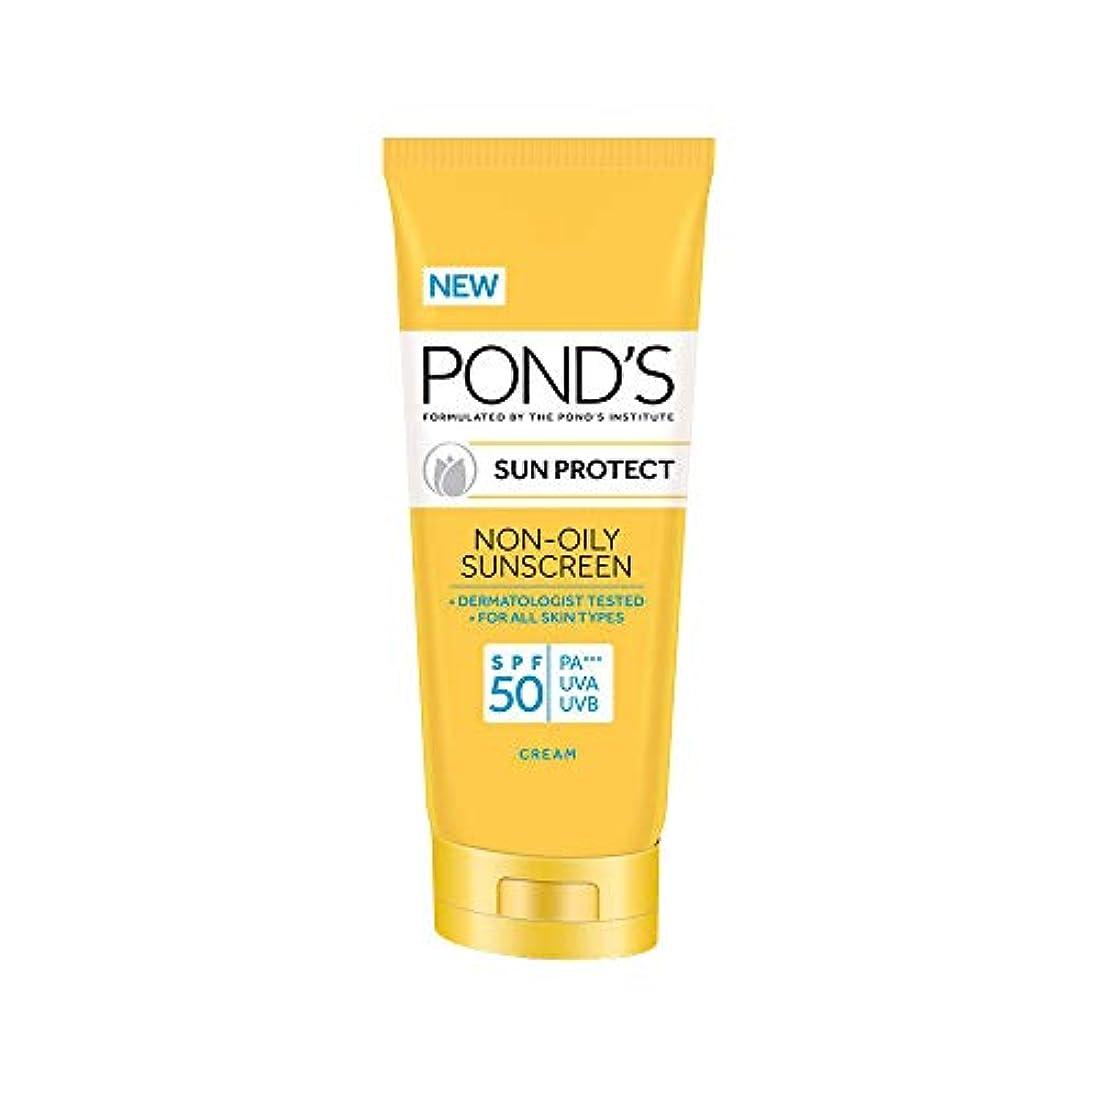 ロール二十行進POND'S SPF 50 Sun Protect Non-Oily Sunscreen, 80 g